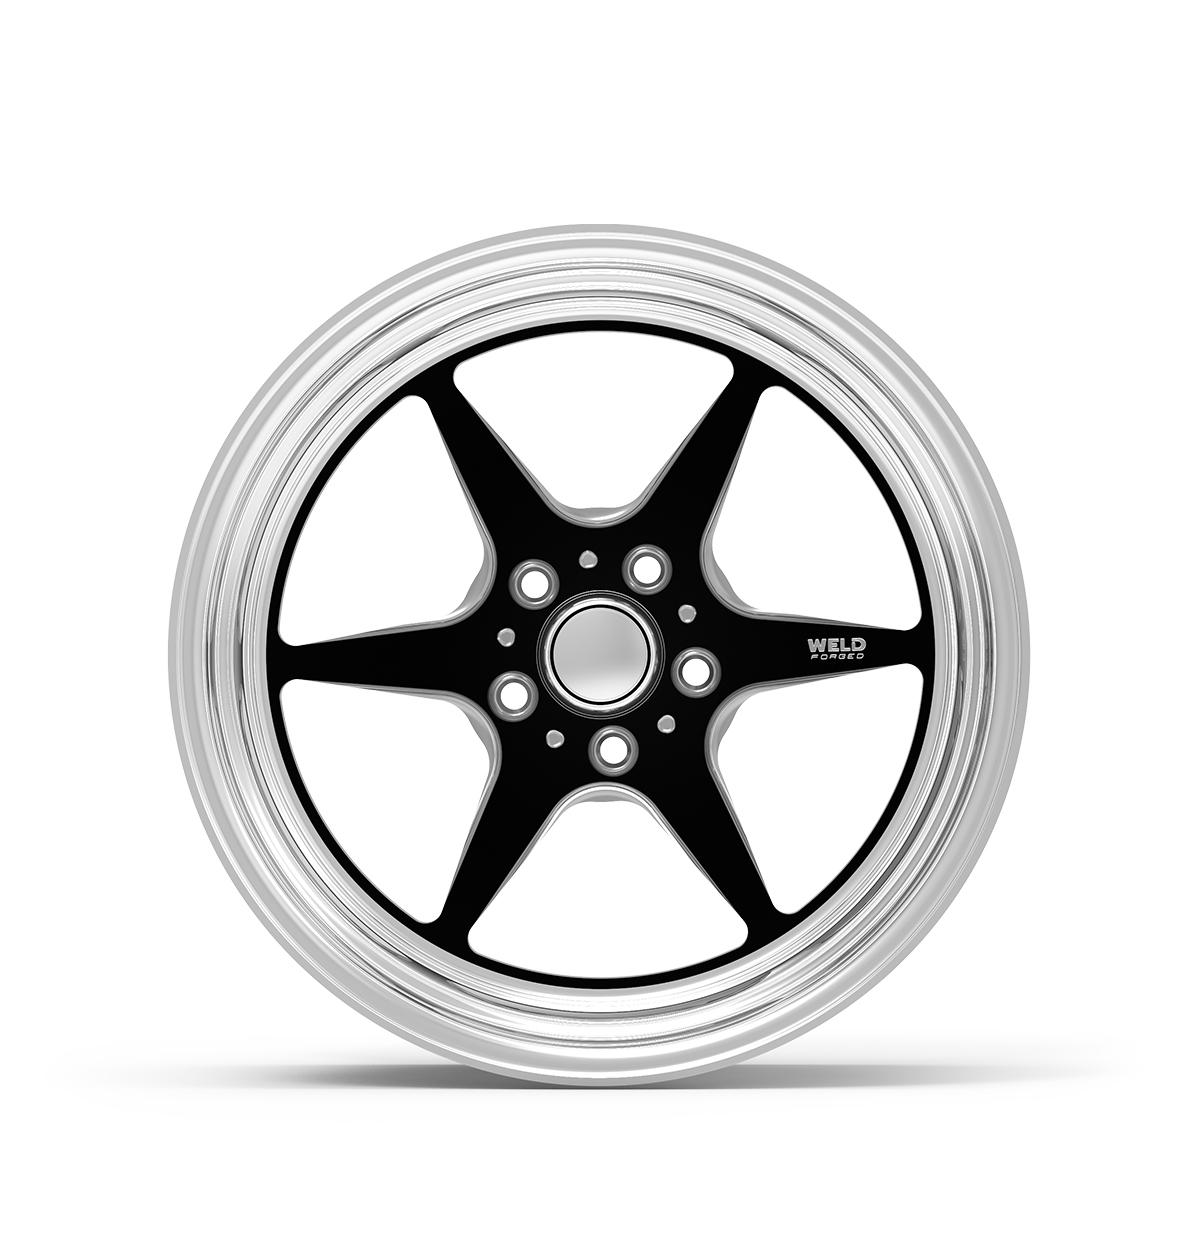 S79 Weld Wheels